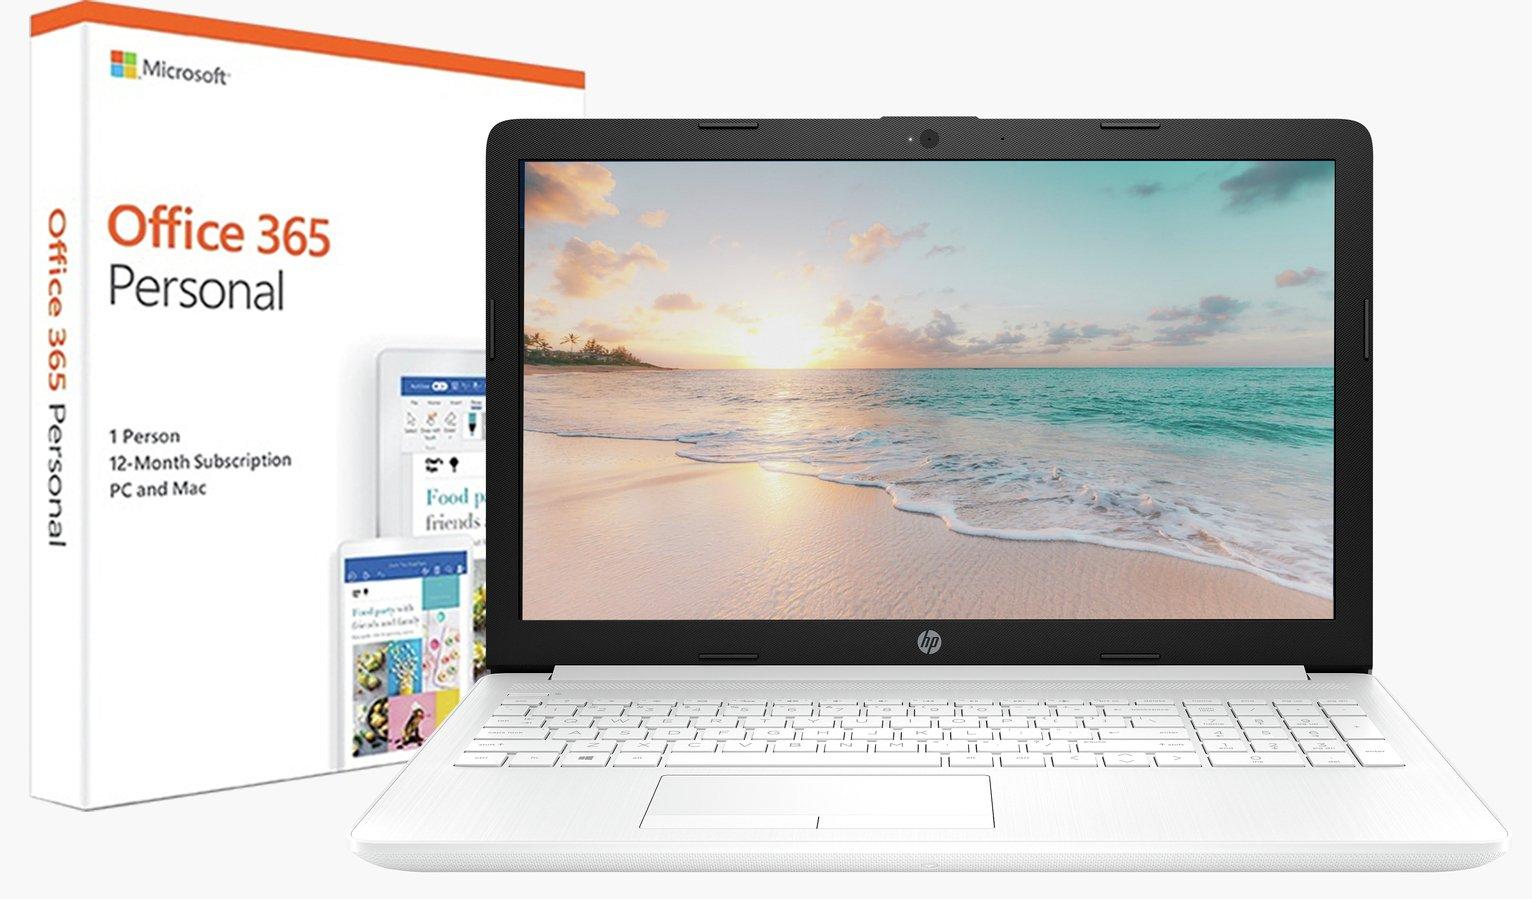 HP Stream 14 Inch A4 4GB 64GB Cloudbook - White